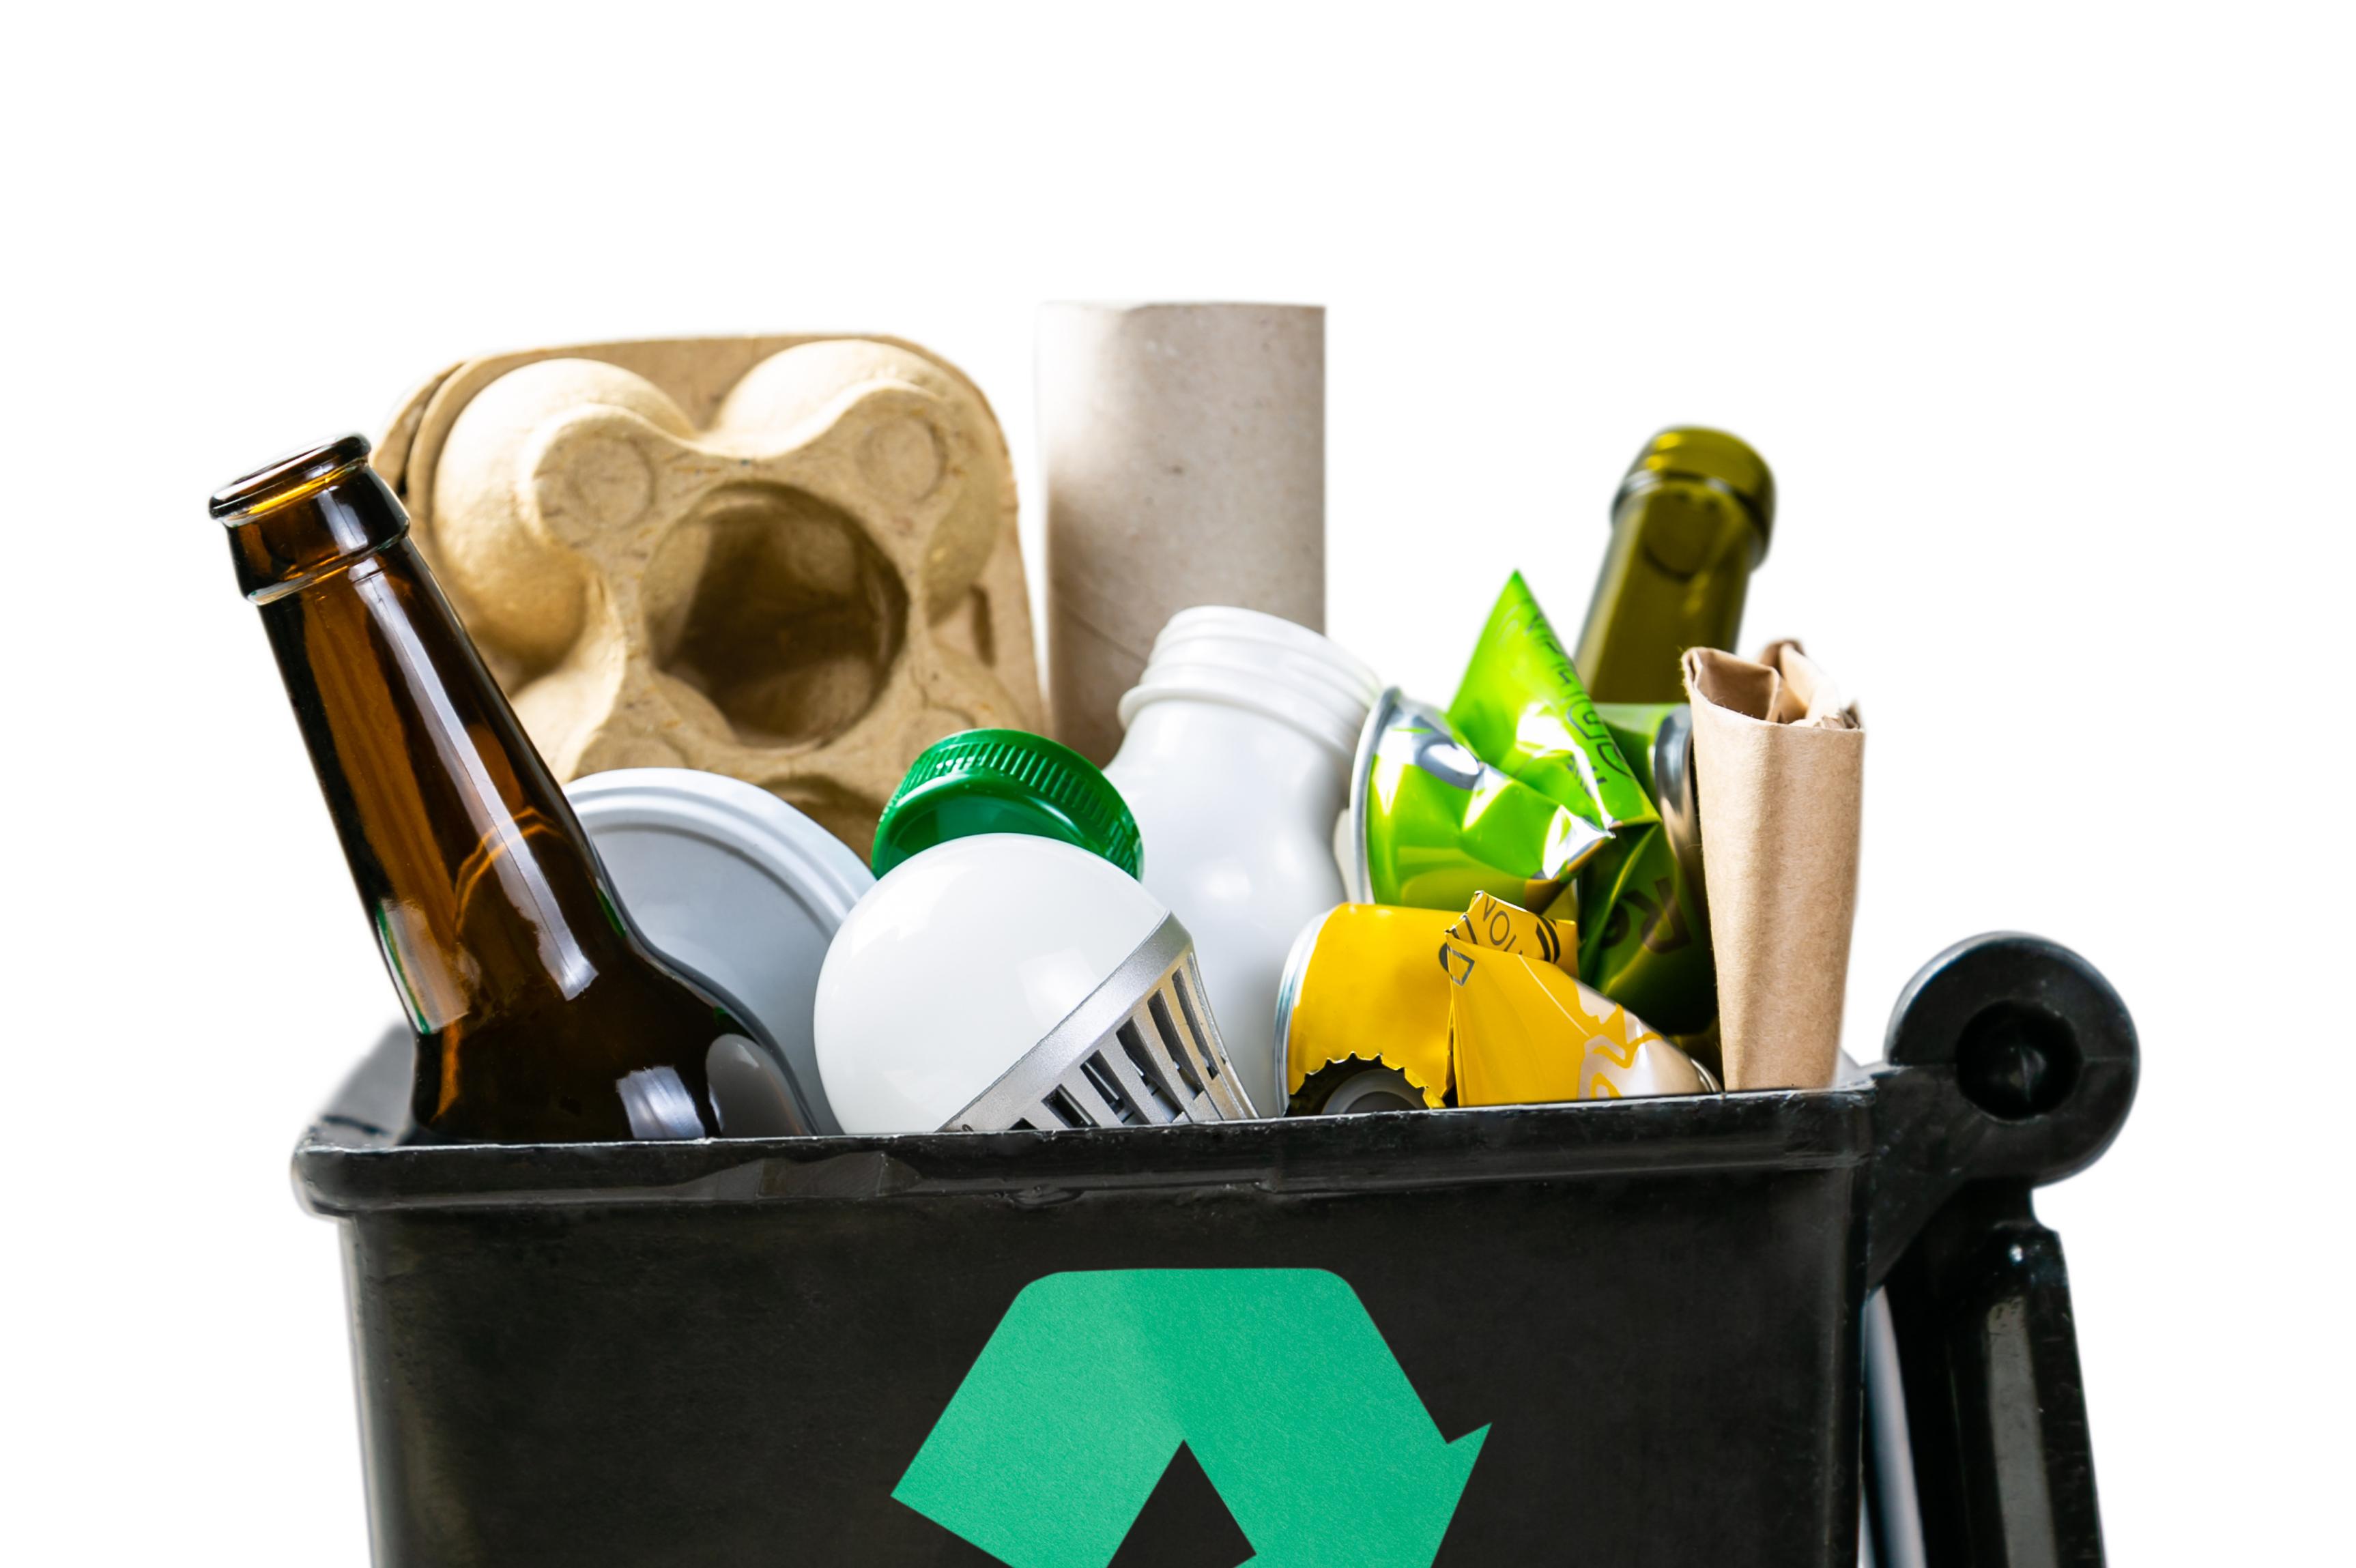 Nuo sausio 1 d. pasikeitimai pakuočių atliekų surinkime Vilniuje